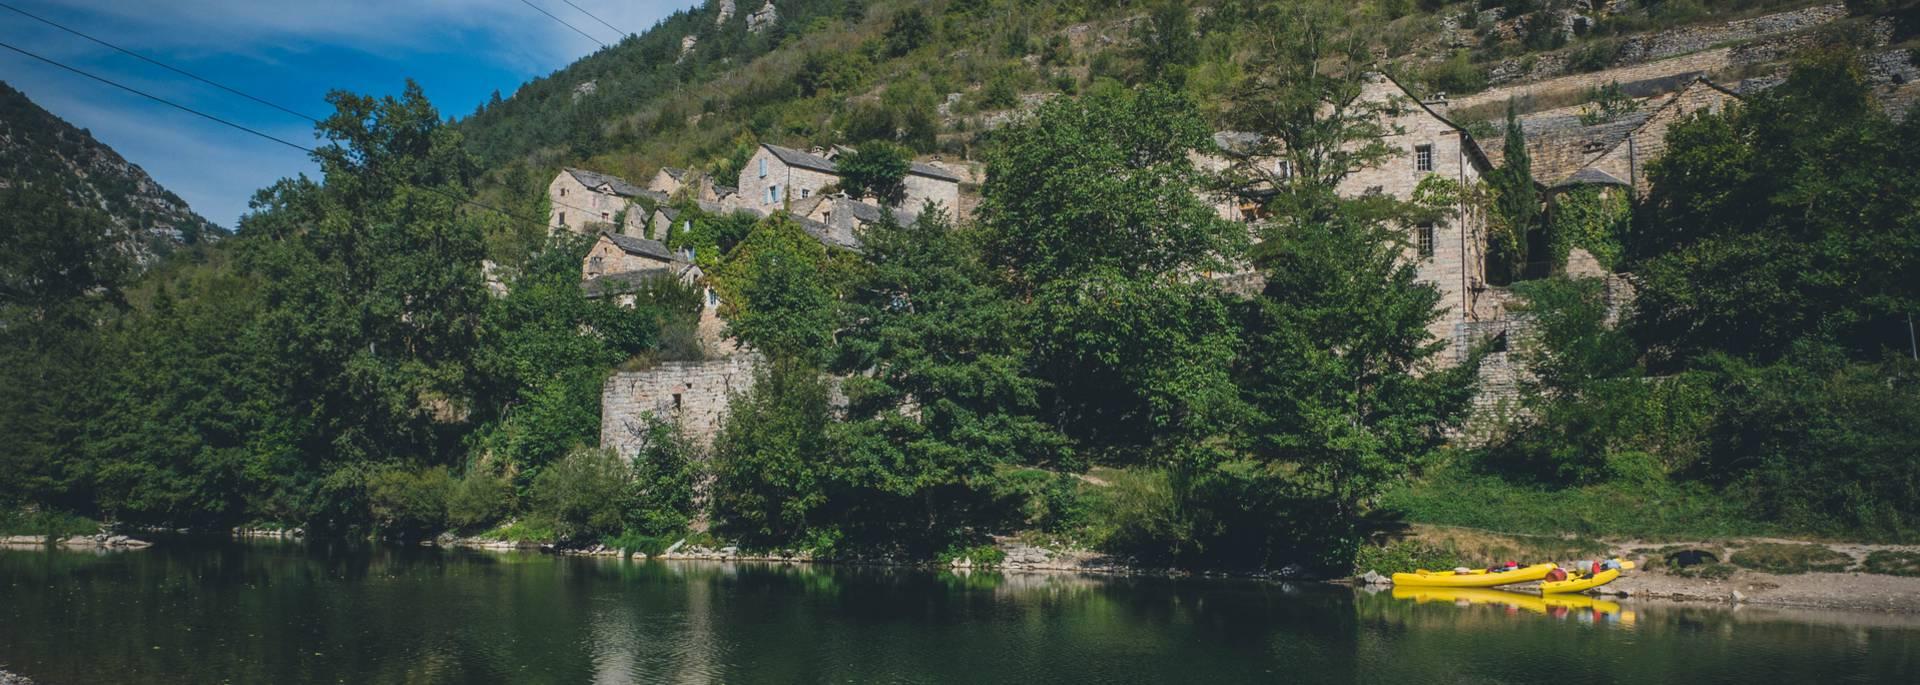 Hauterives, gorges du Tarn